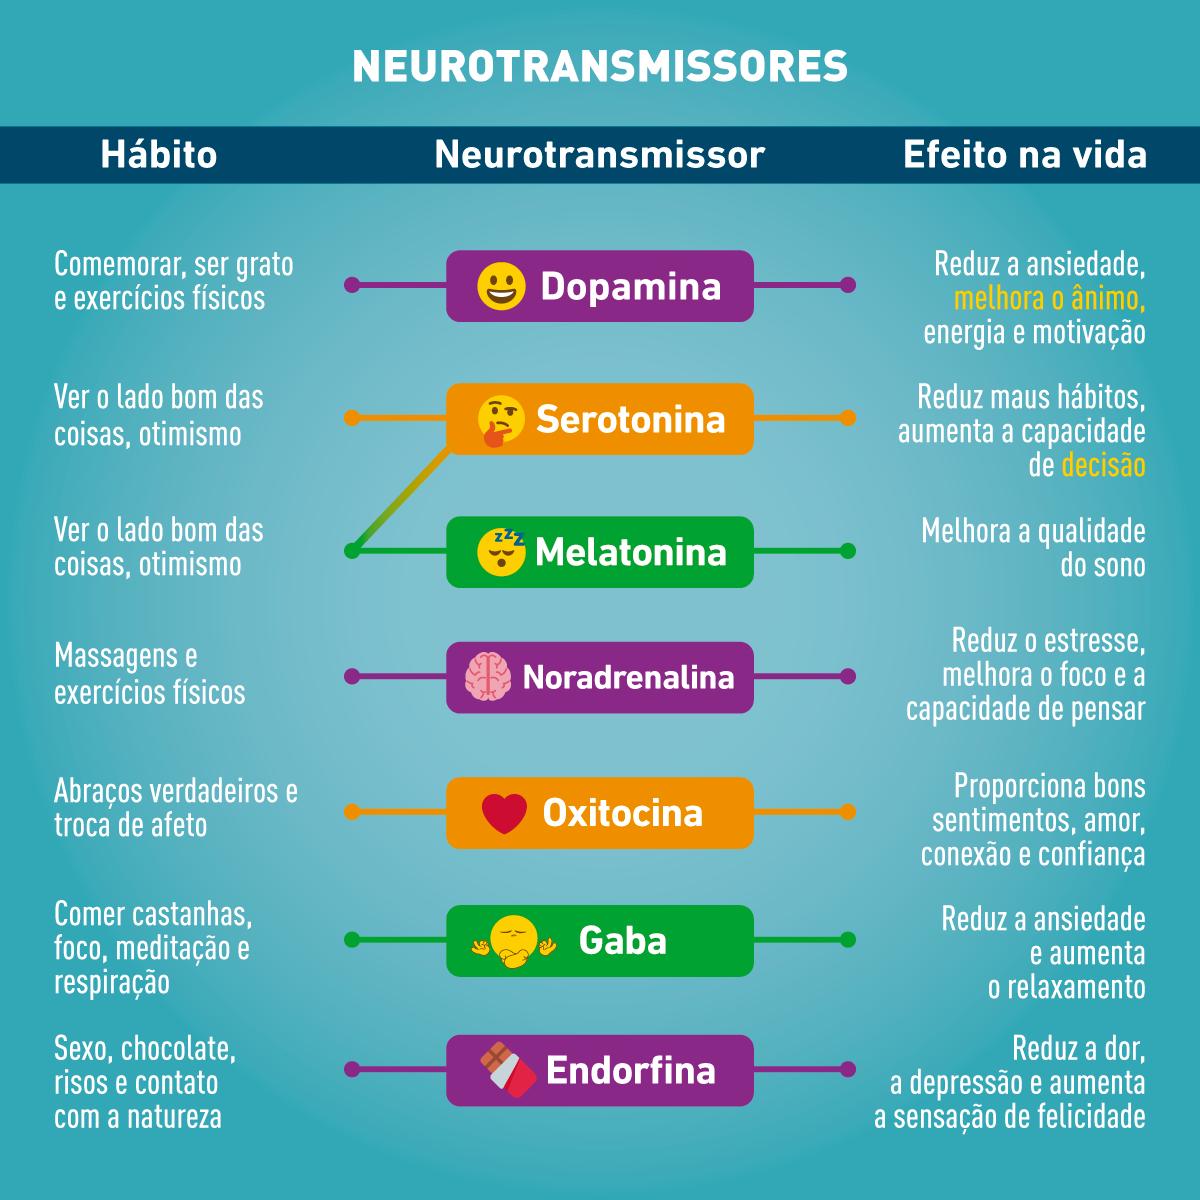 neurotransmissores. estresse e alimentação